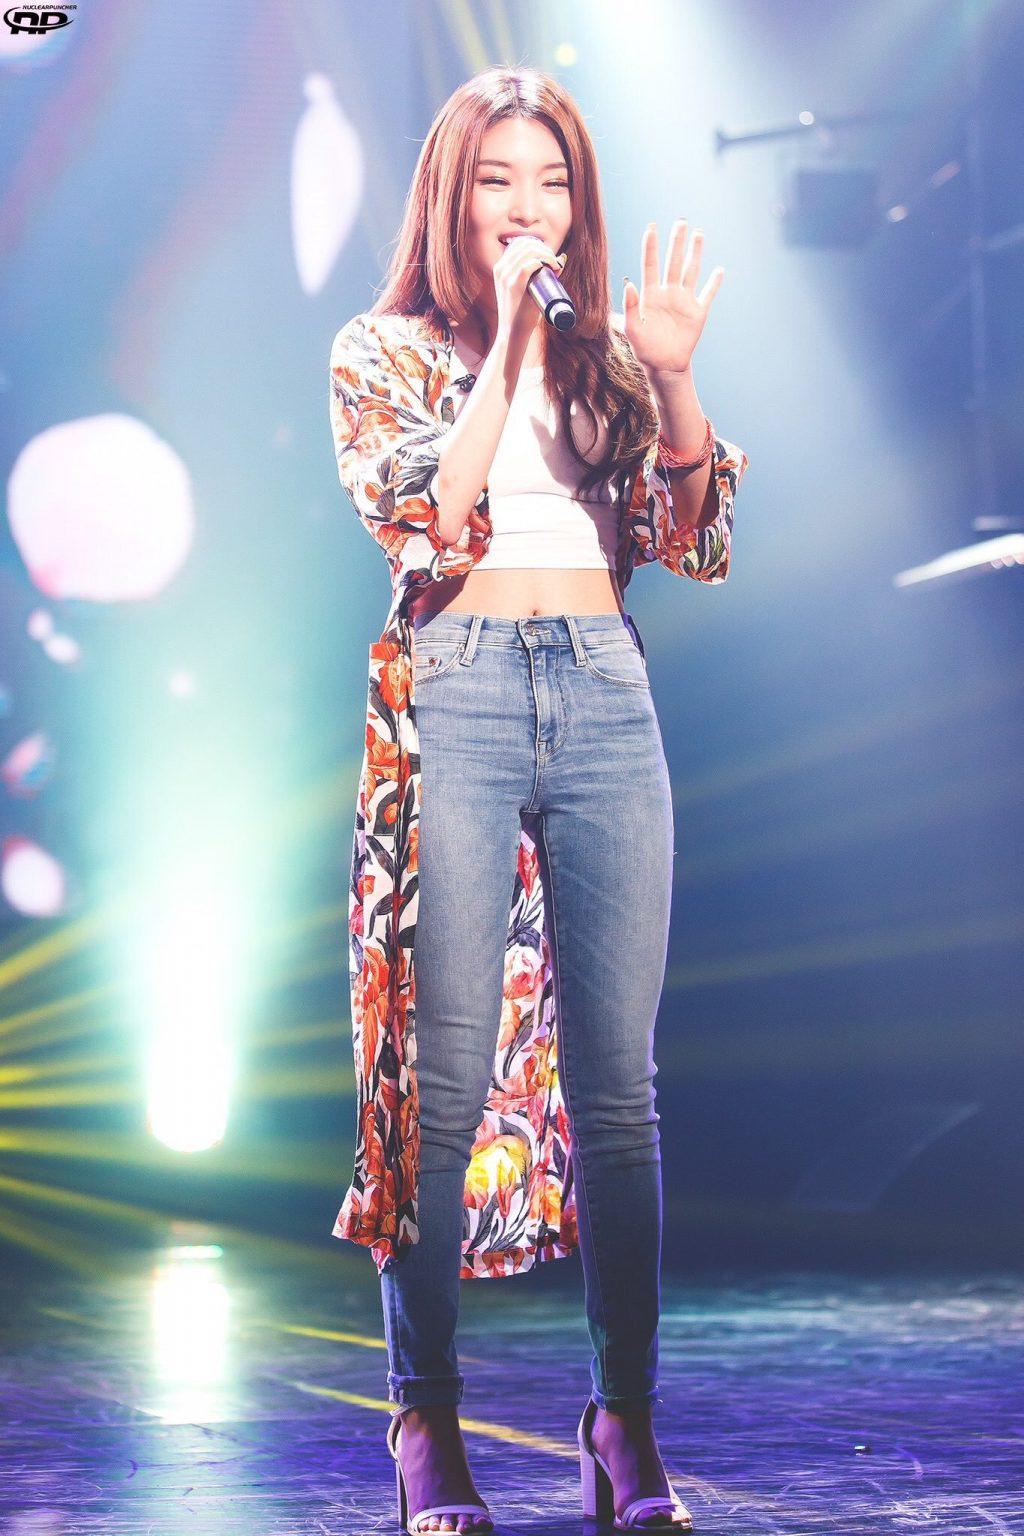 phong cách thời trang Kim Chung Ha 21